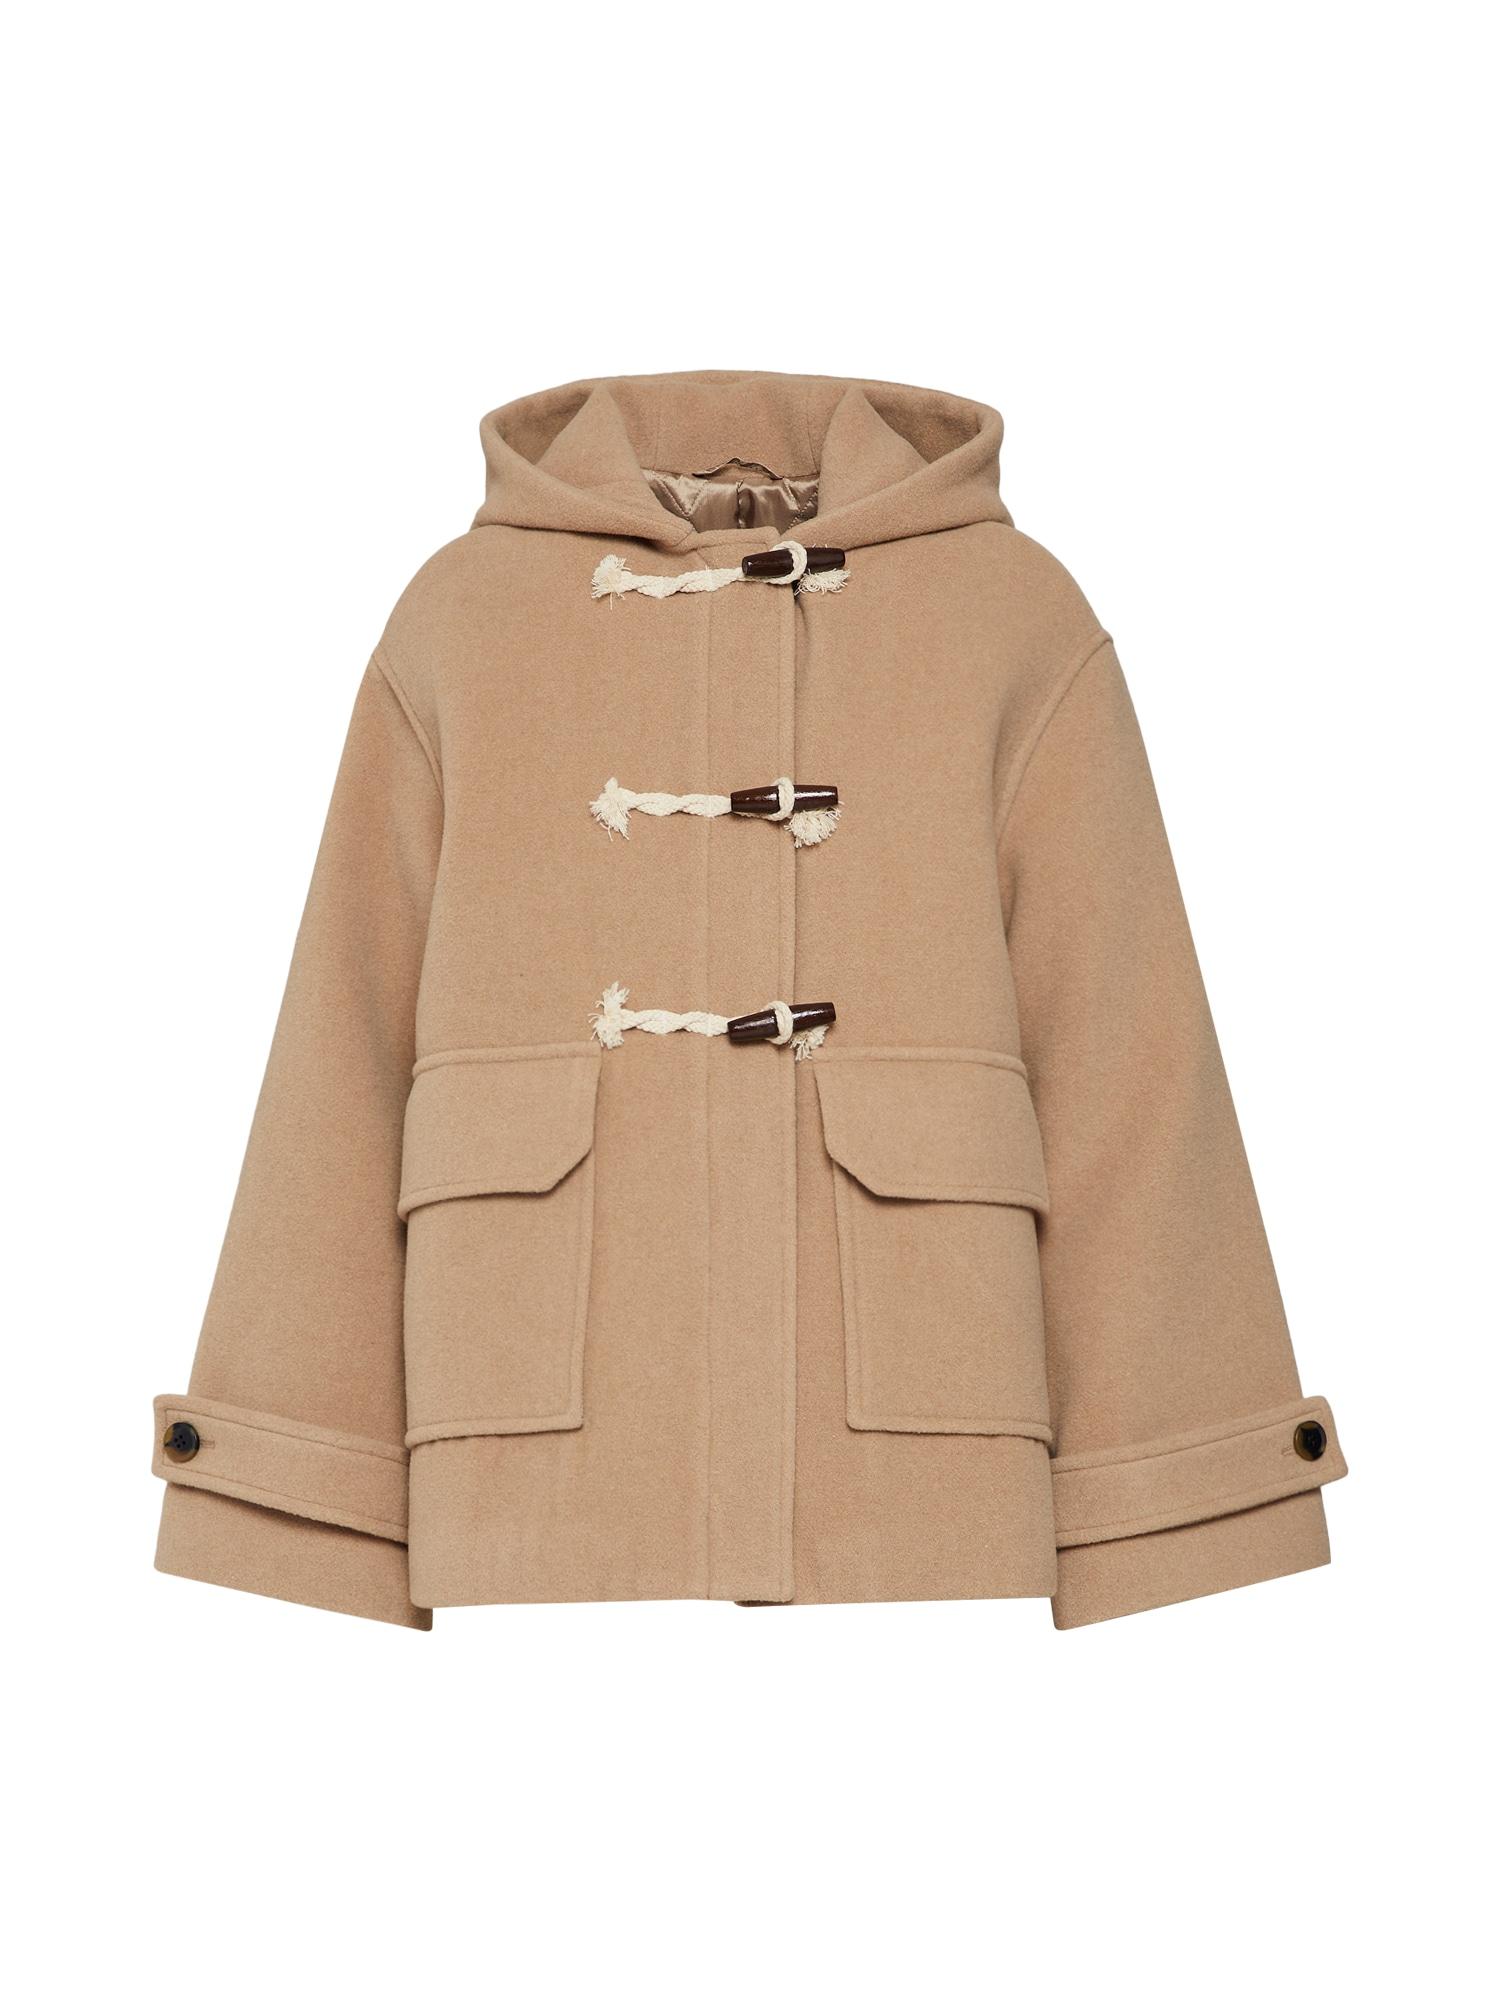 Přechodný kabát Daimy jacket 11124 khaki Samsoe & Samsoe